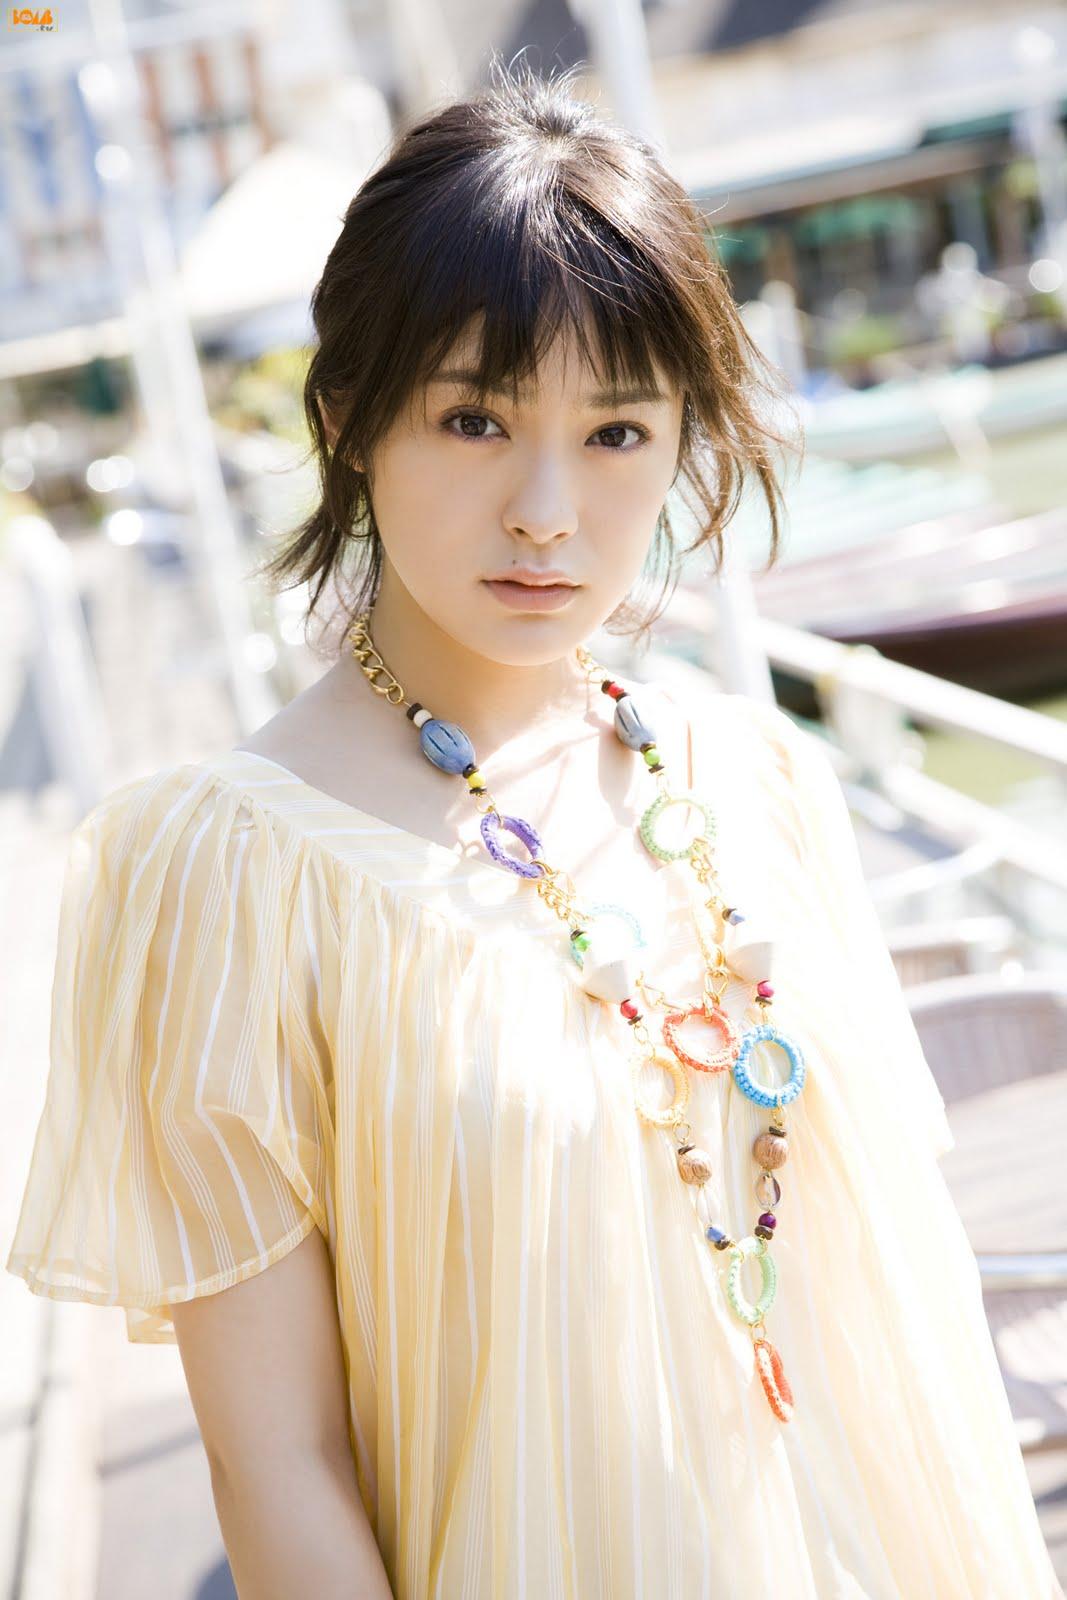 Cute Asian Girls: Japanese Actress - Shihori Kanjiya